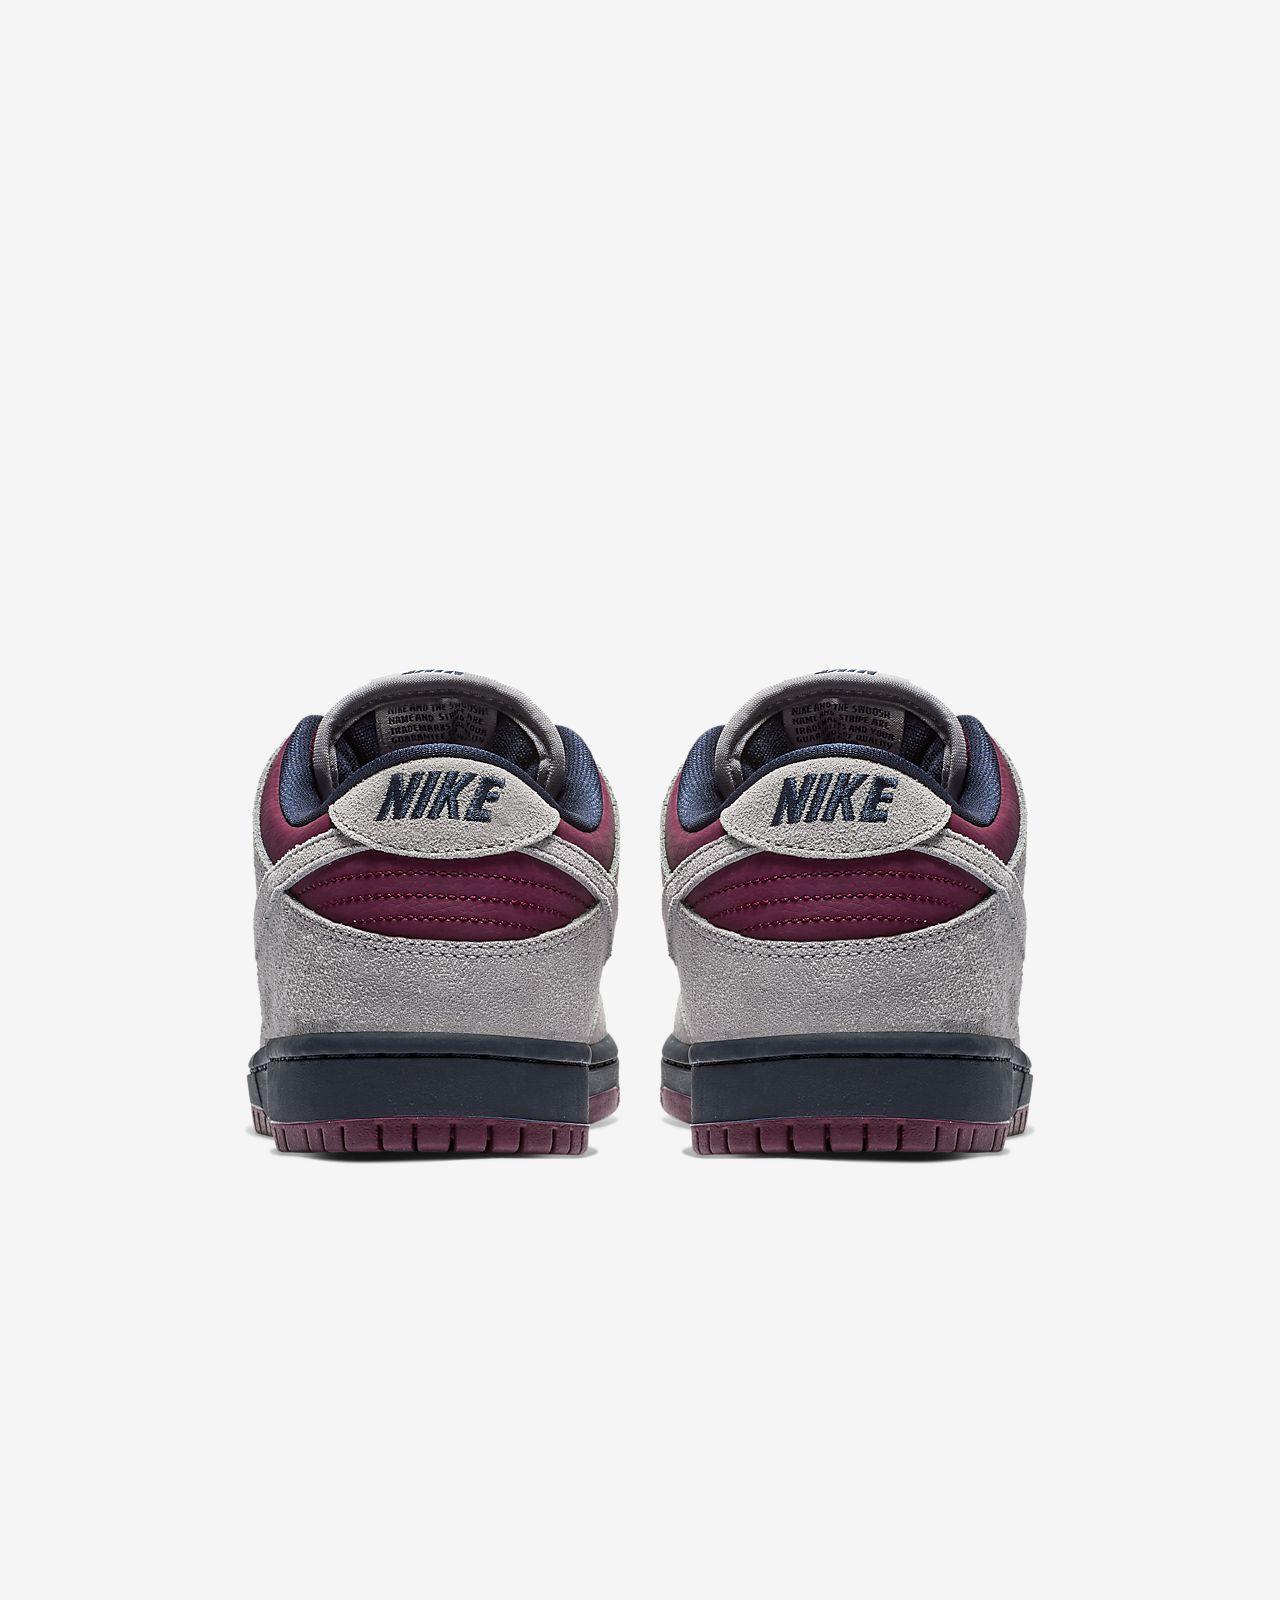 big sale 707e9 28e73 ... Nike SB Dunk Low Pro Skate Shoe